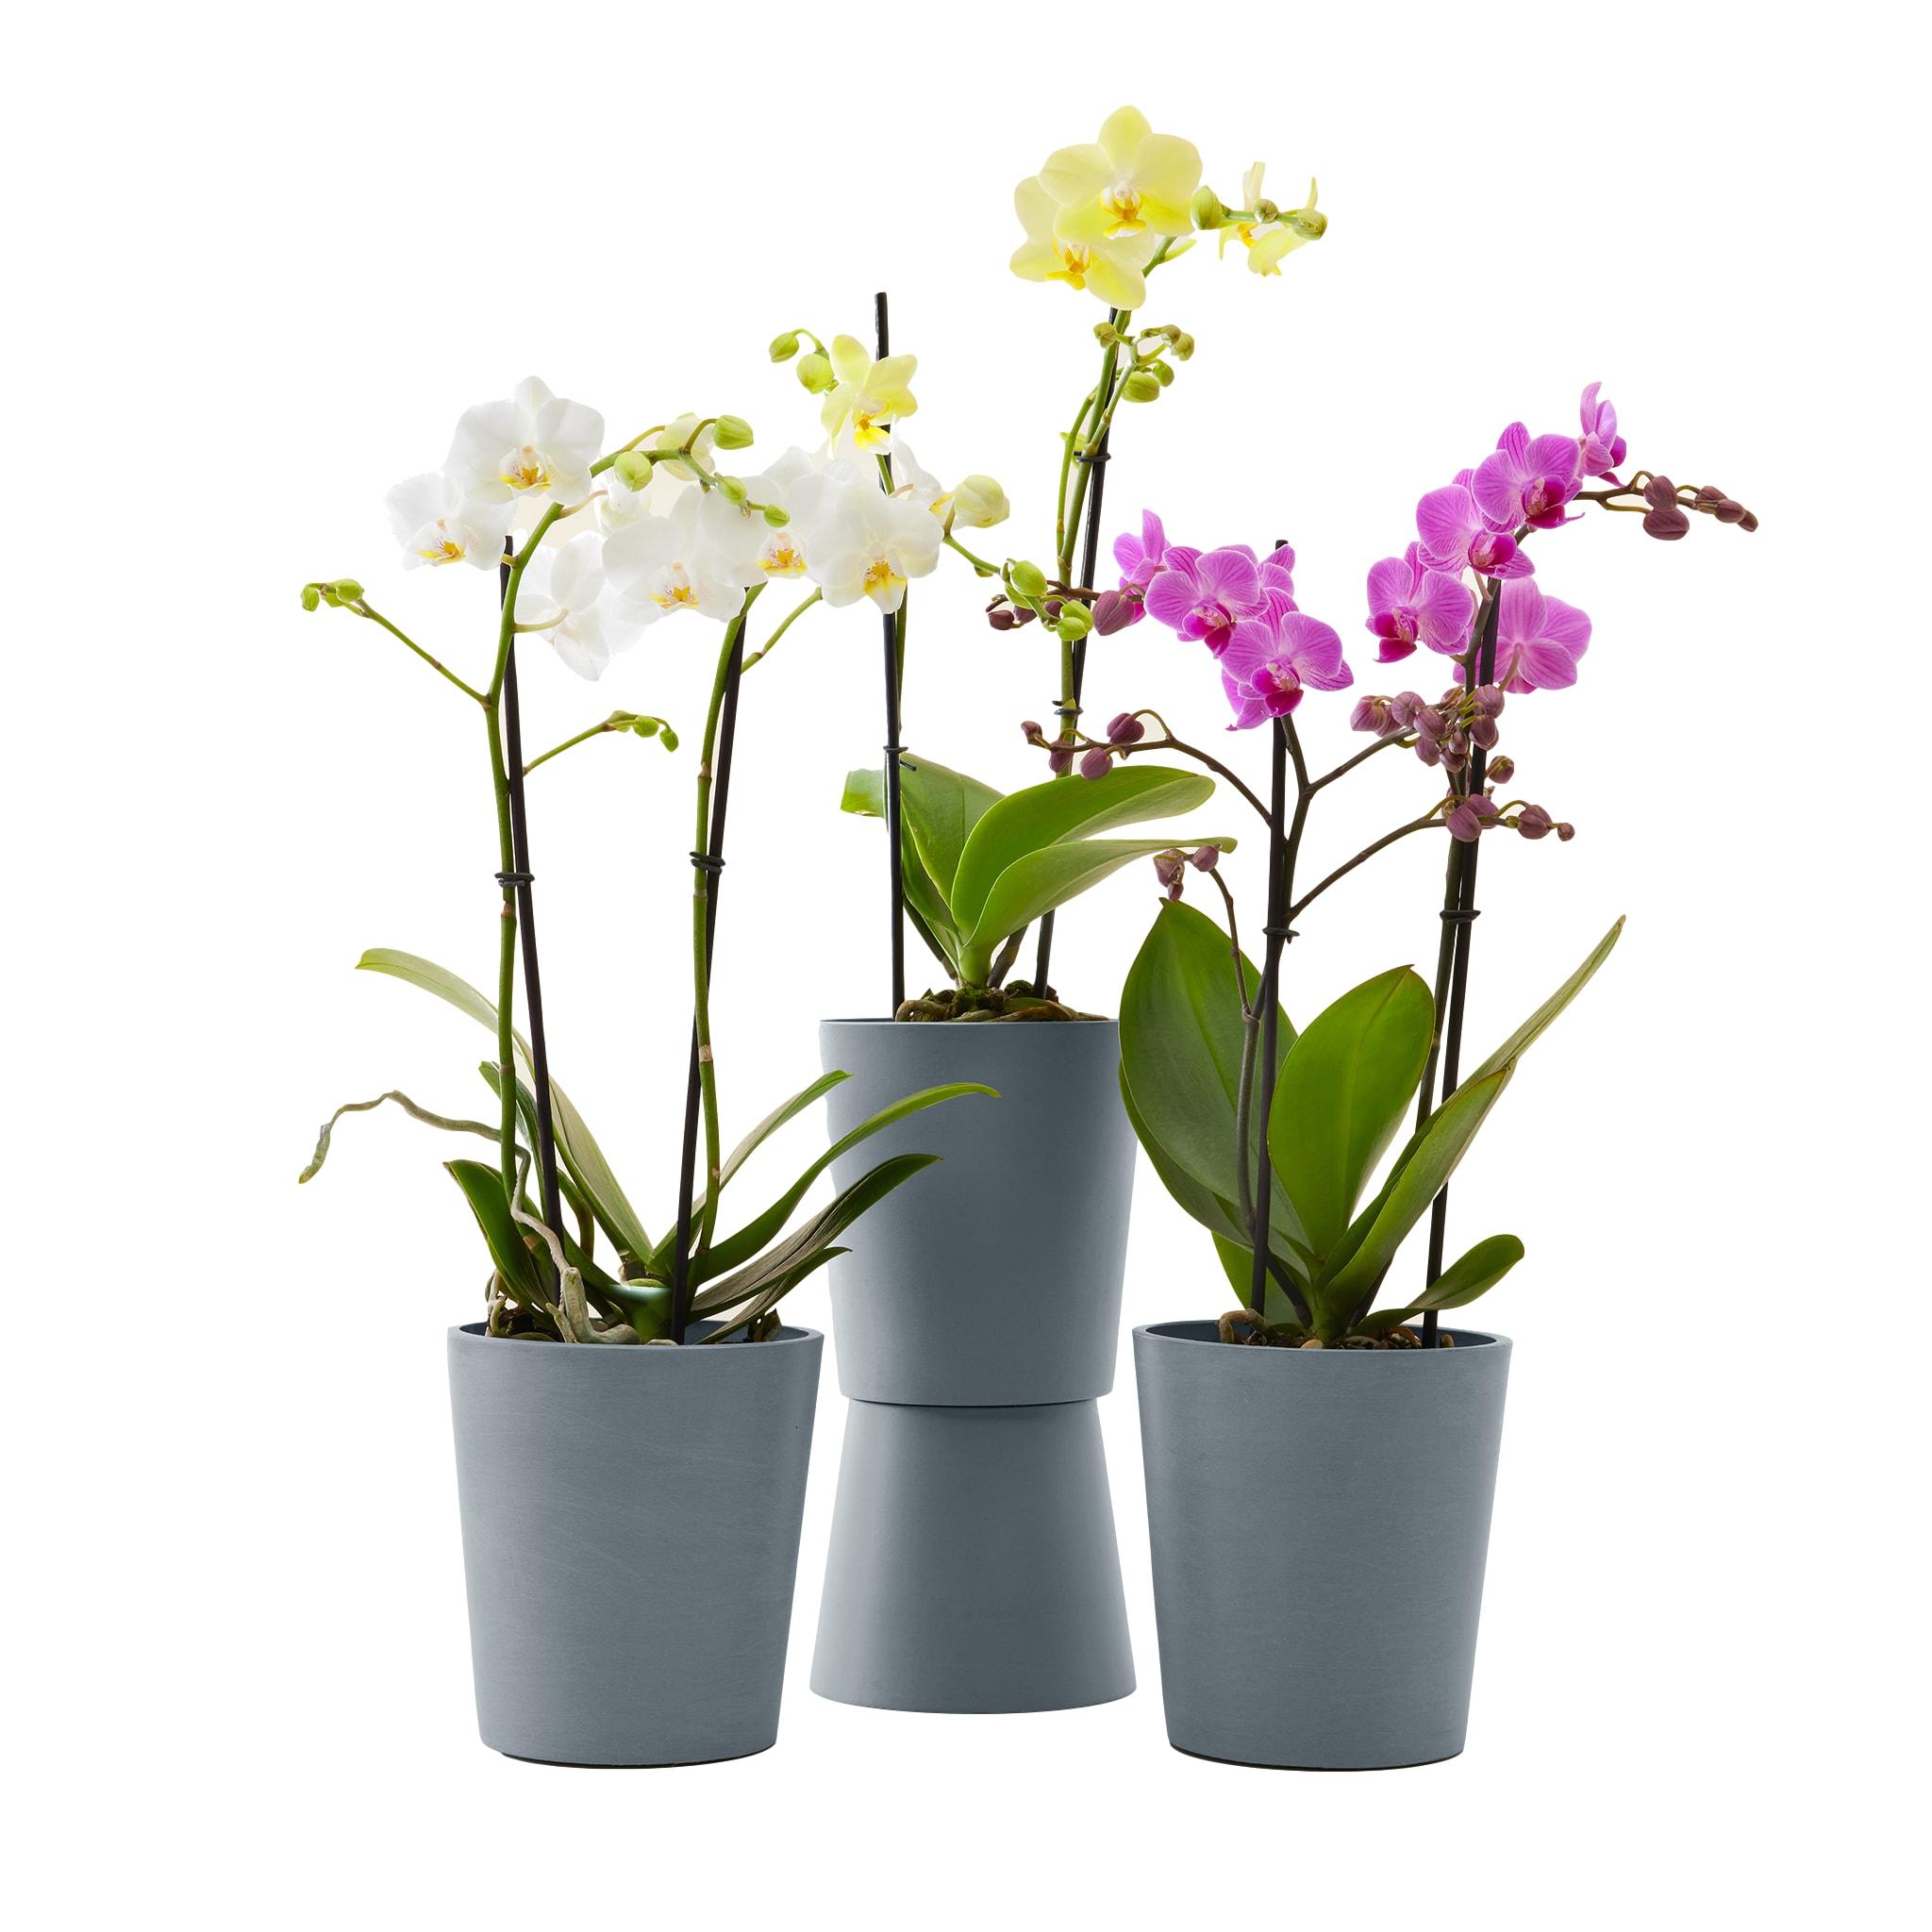 Plante - Trio d'orchidées de 50 cm en pot bleu gris